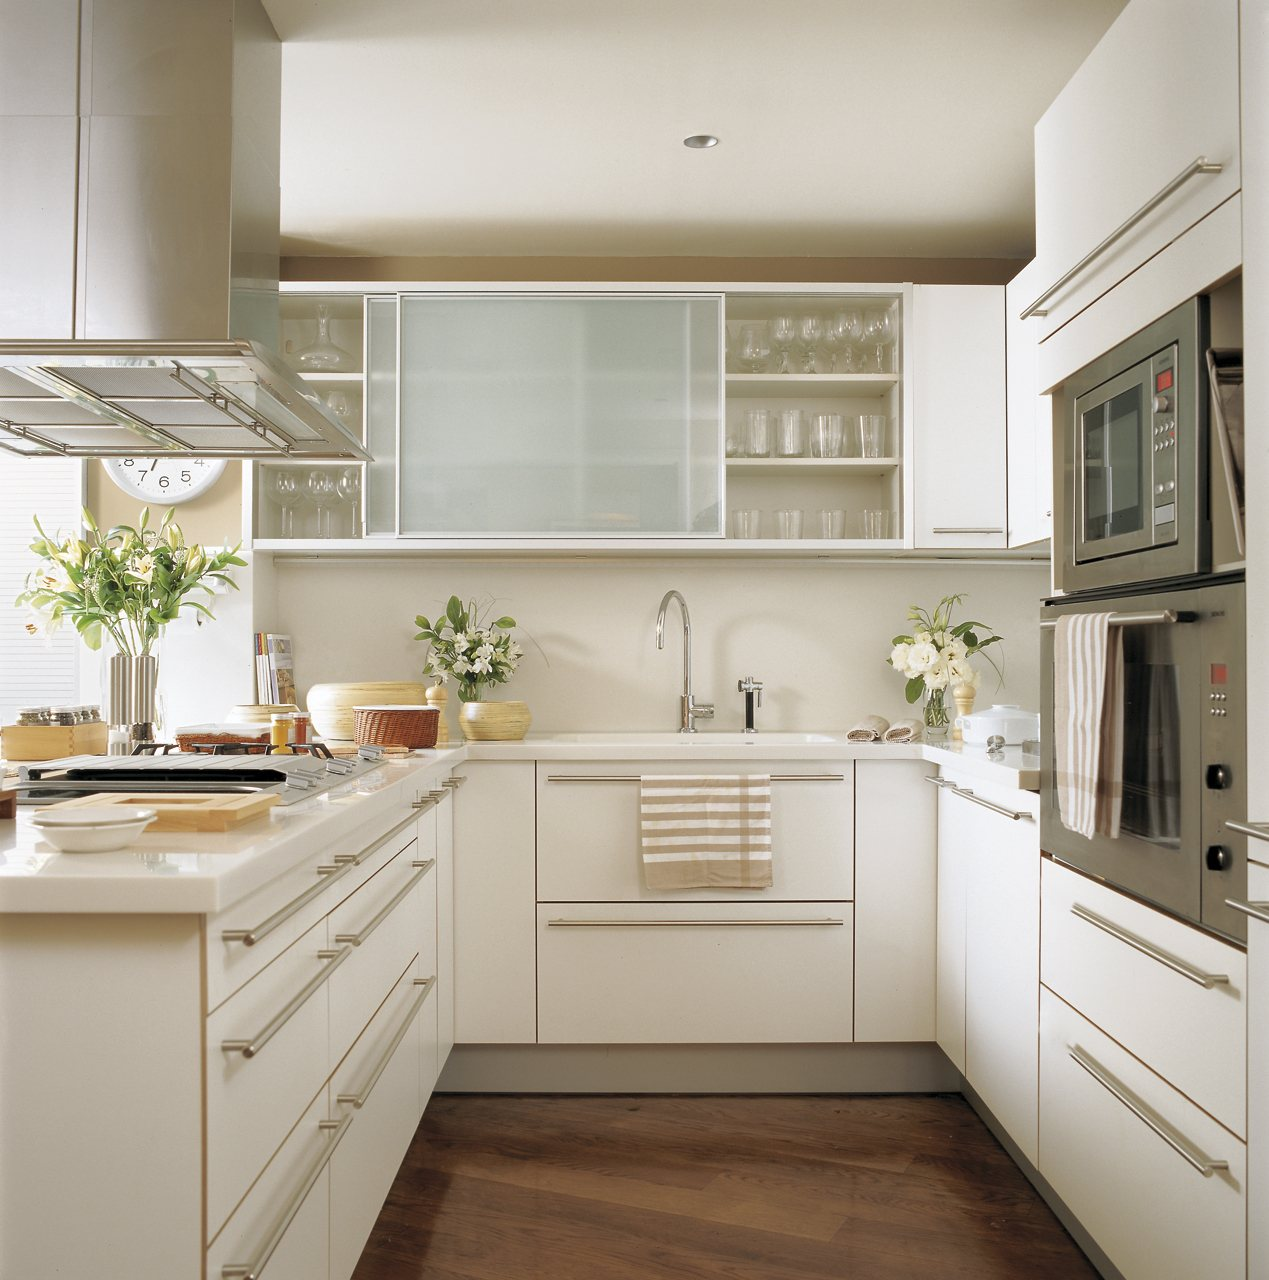 Cocinas pequeñas: ideas decorativas para aprovecharlas y ...